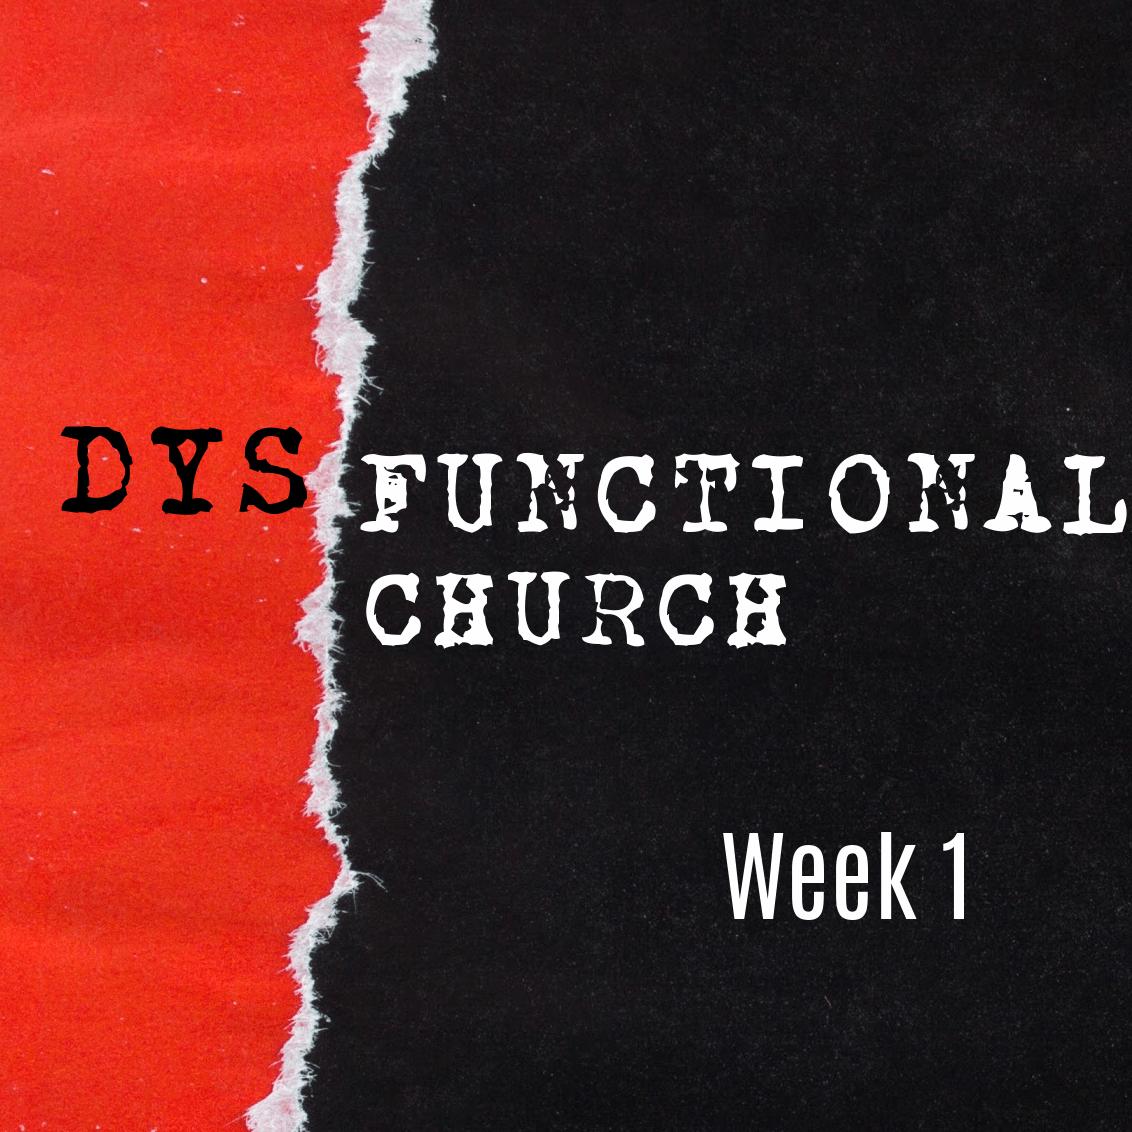 Dysfunctional Church – Week 1